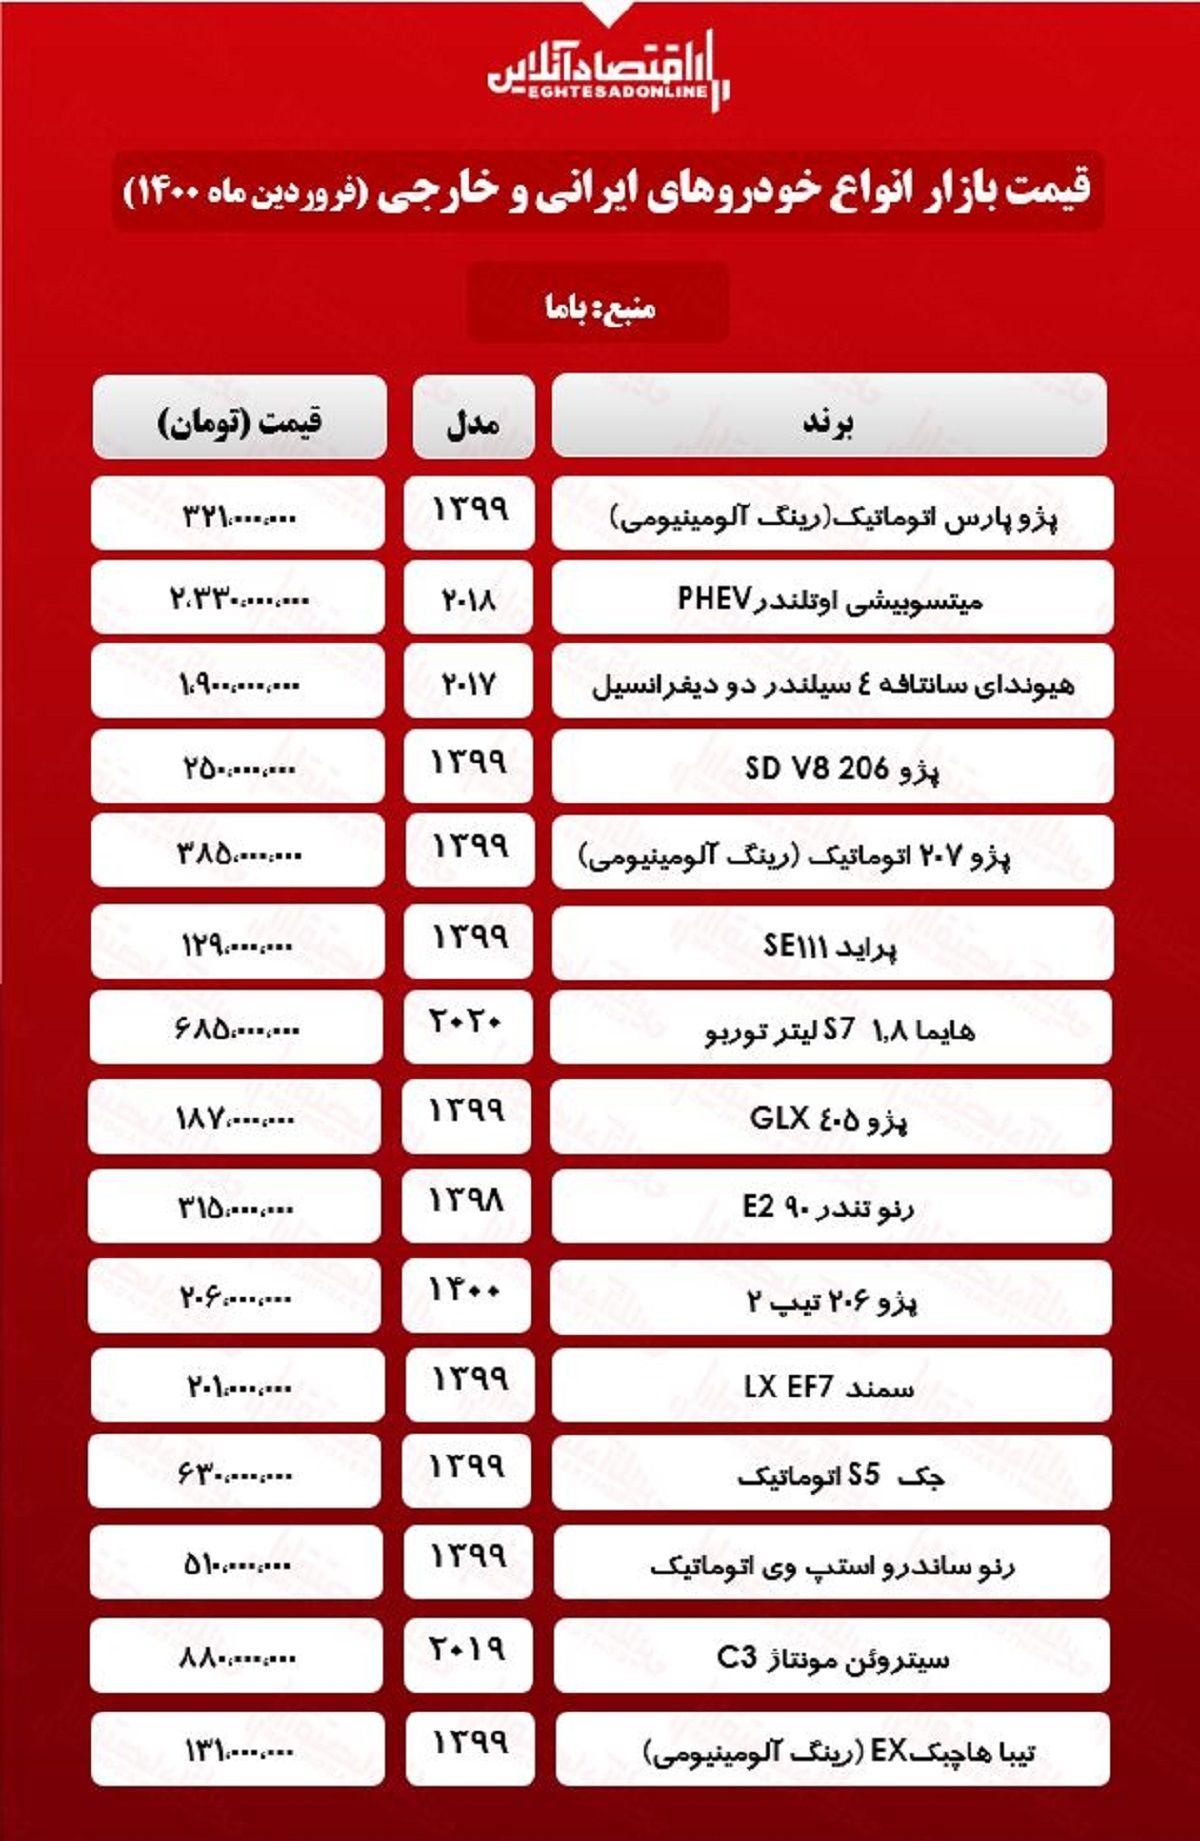 قیمت خودرو امروز ۱۴۰۰/۱/۱۸